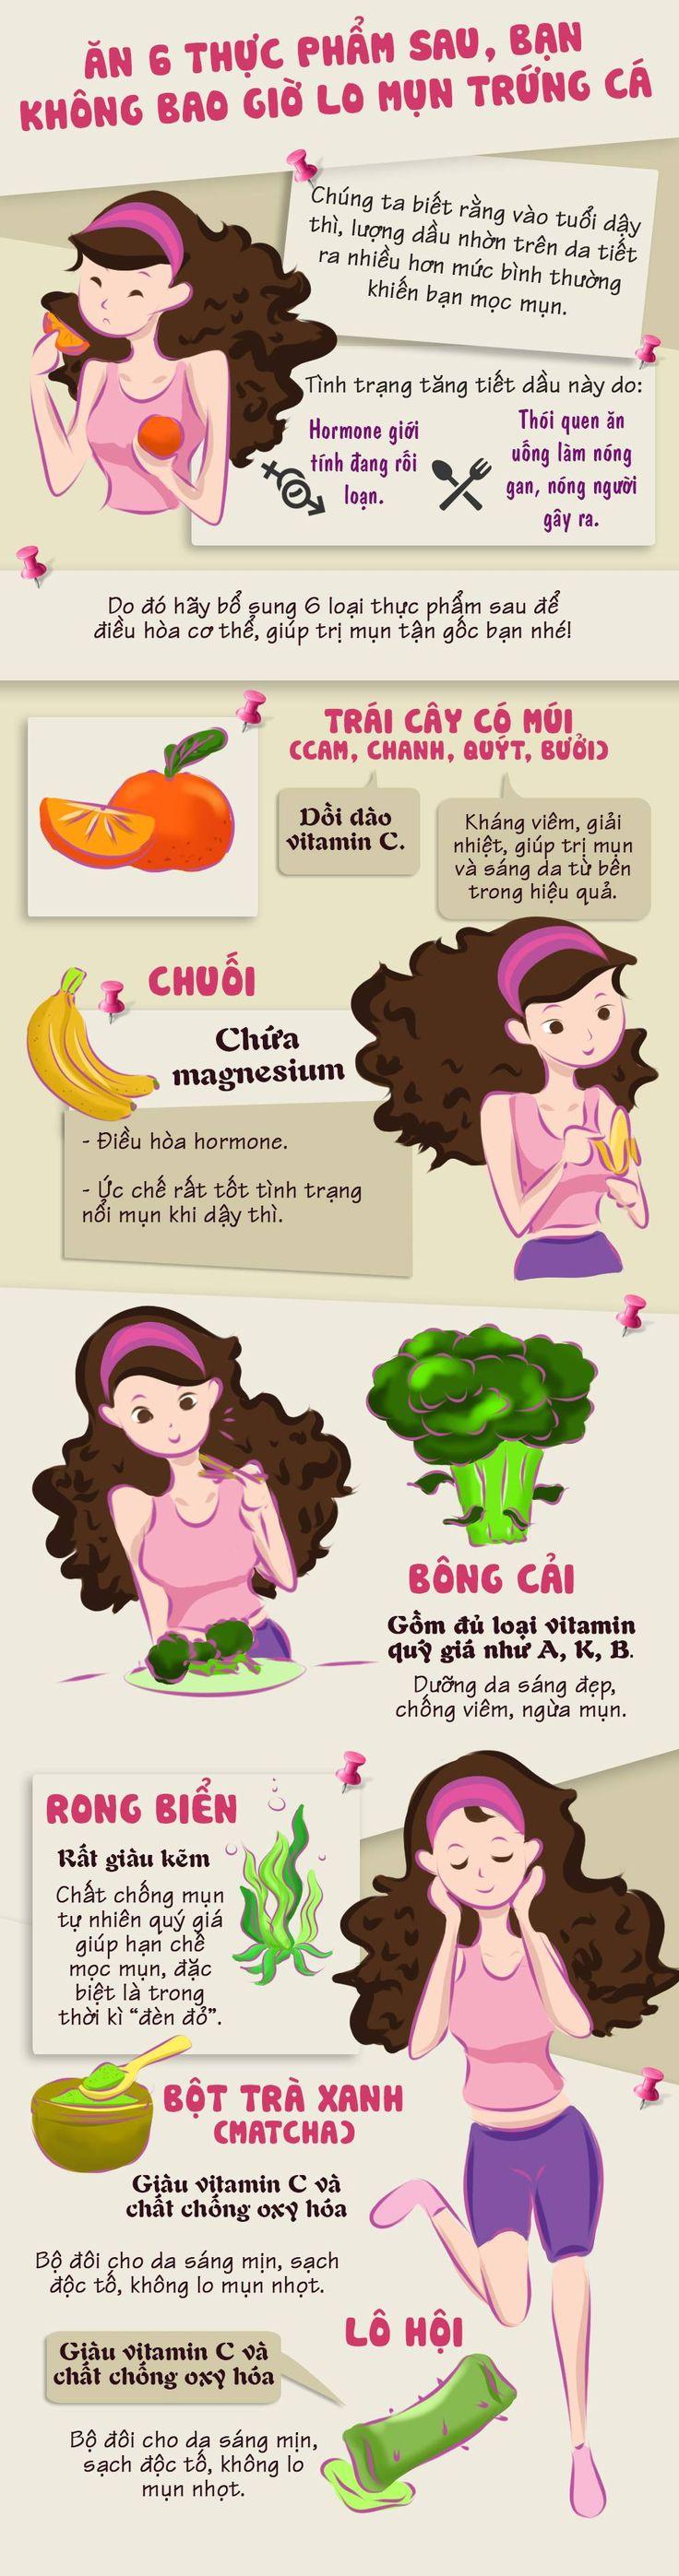 Top 6 thực phẩm giúp bạn đánh bay mụn trứng cá - Kenh14.vn